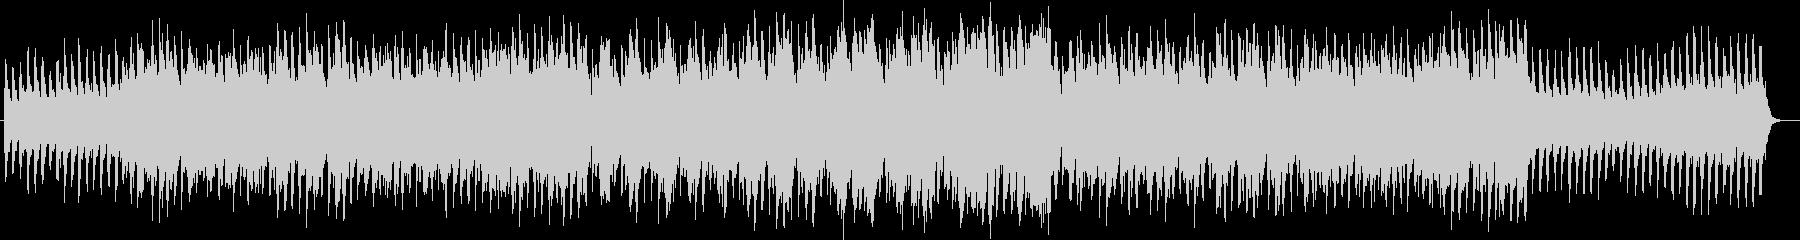 少し切ないキラキラしたシンセ曲の未再生の波形